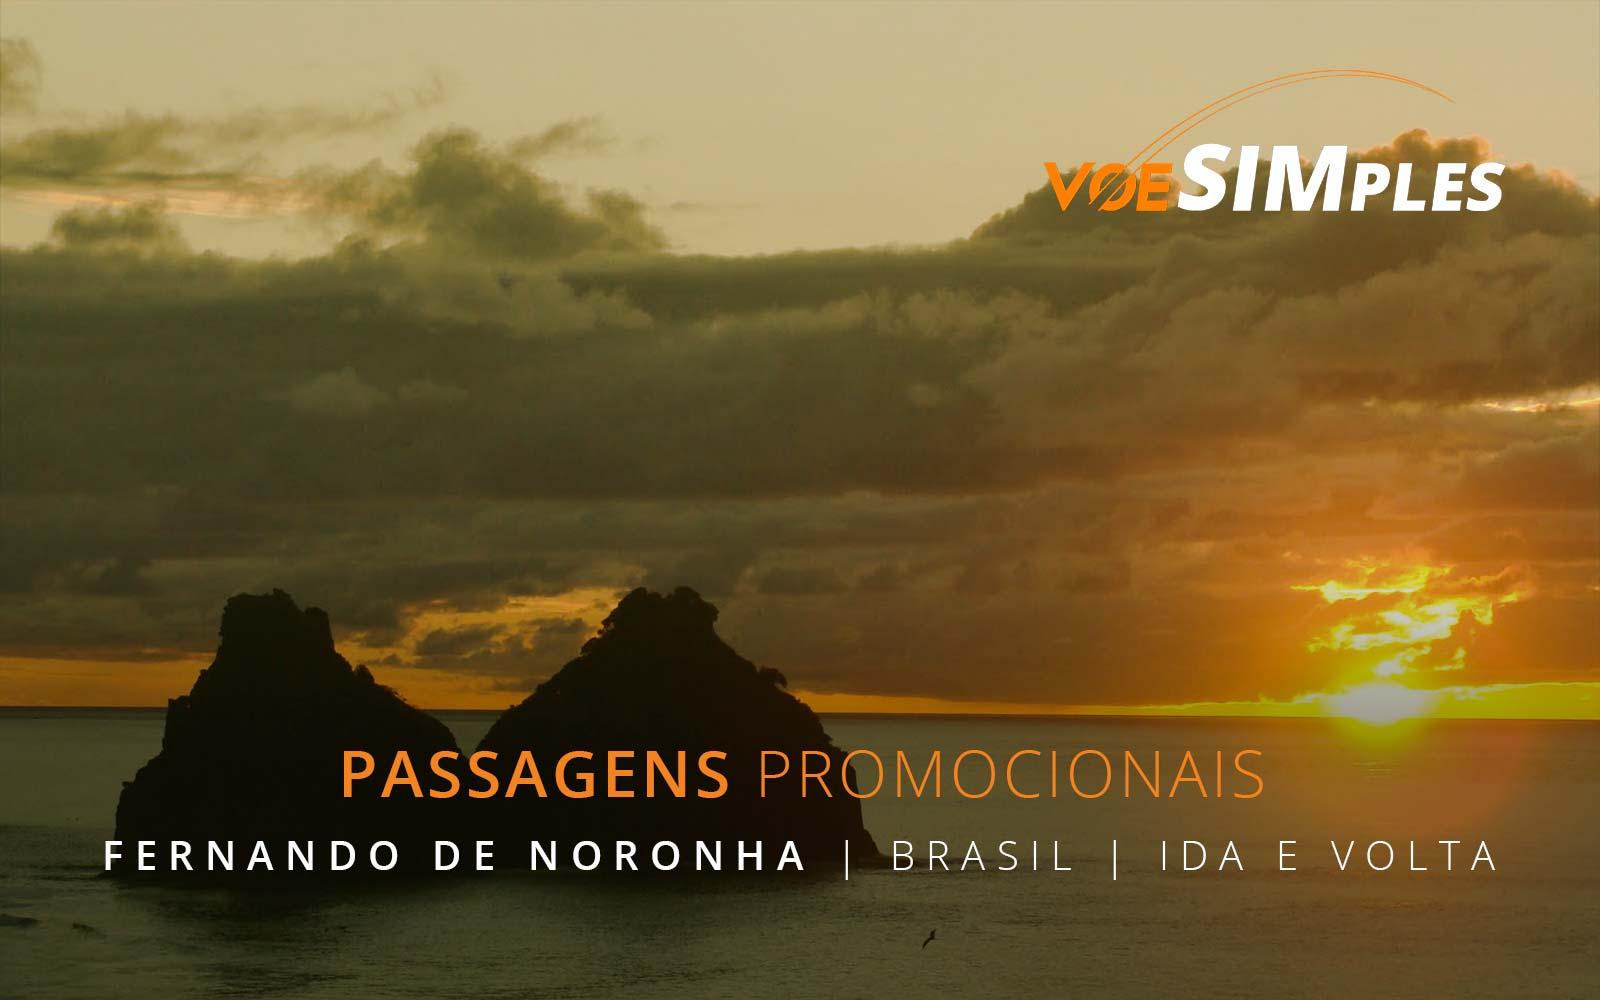 Passagens aéreas promocionais para Fernando de Noronha